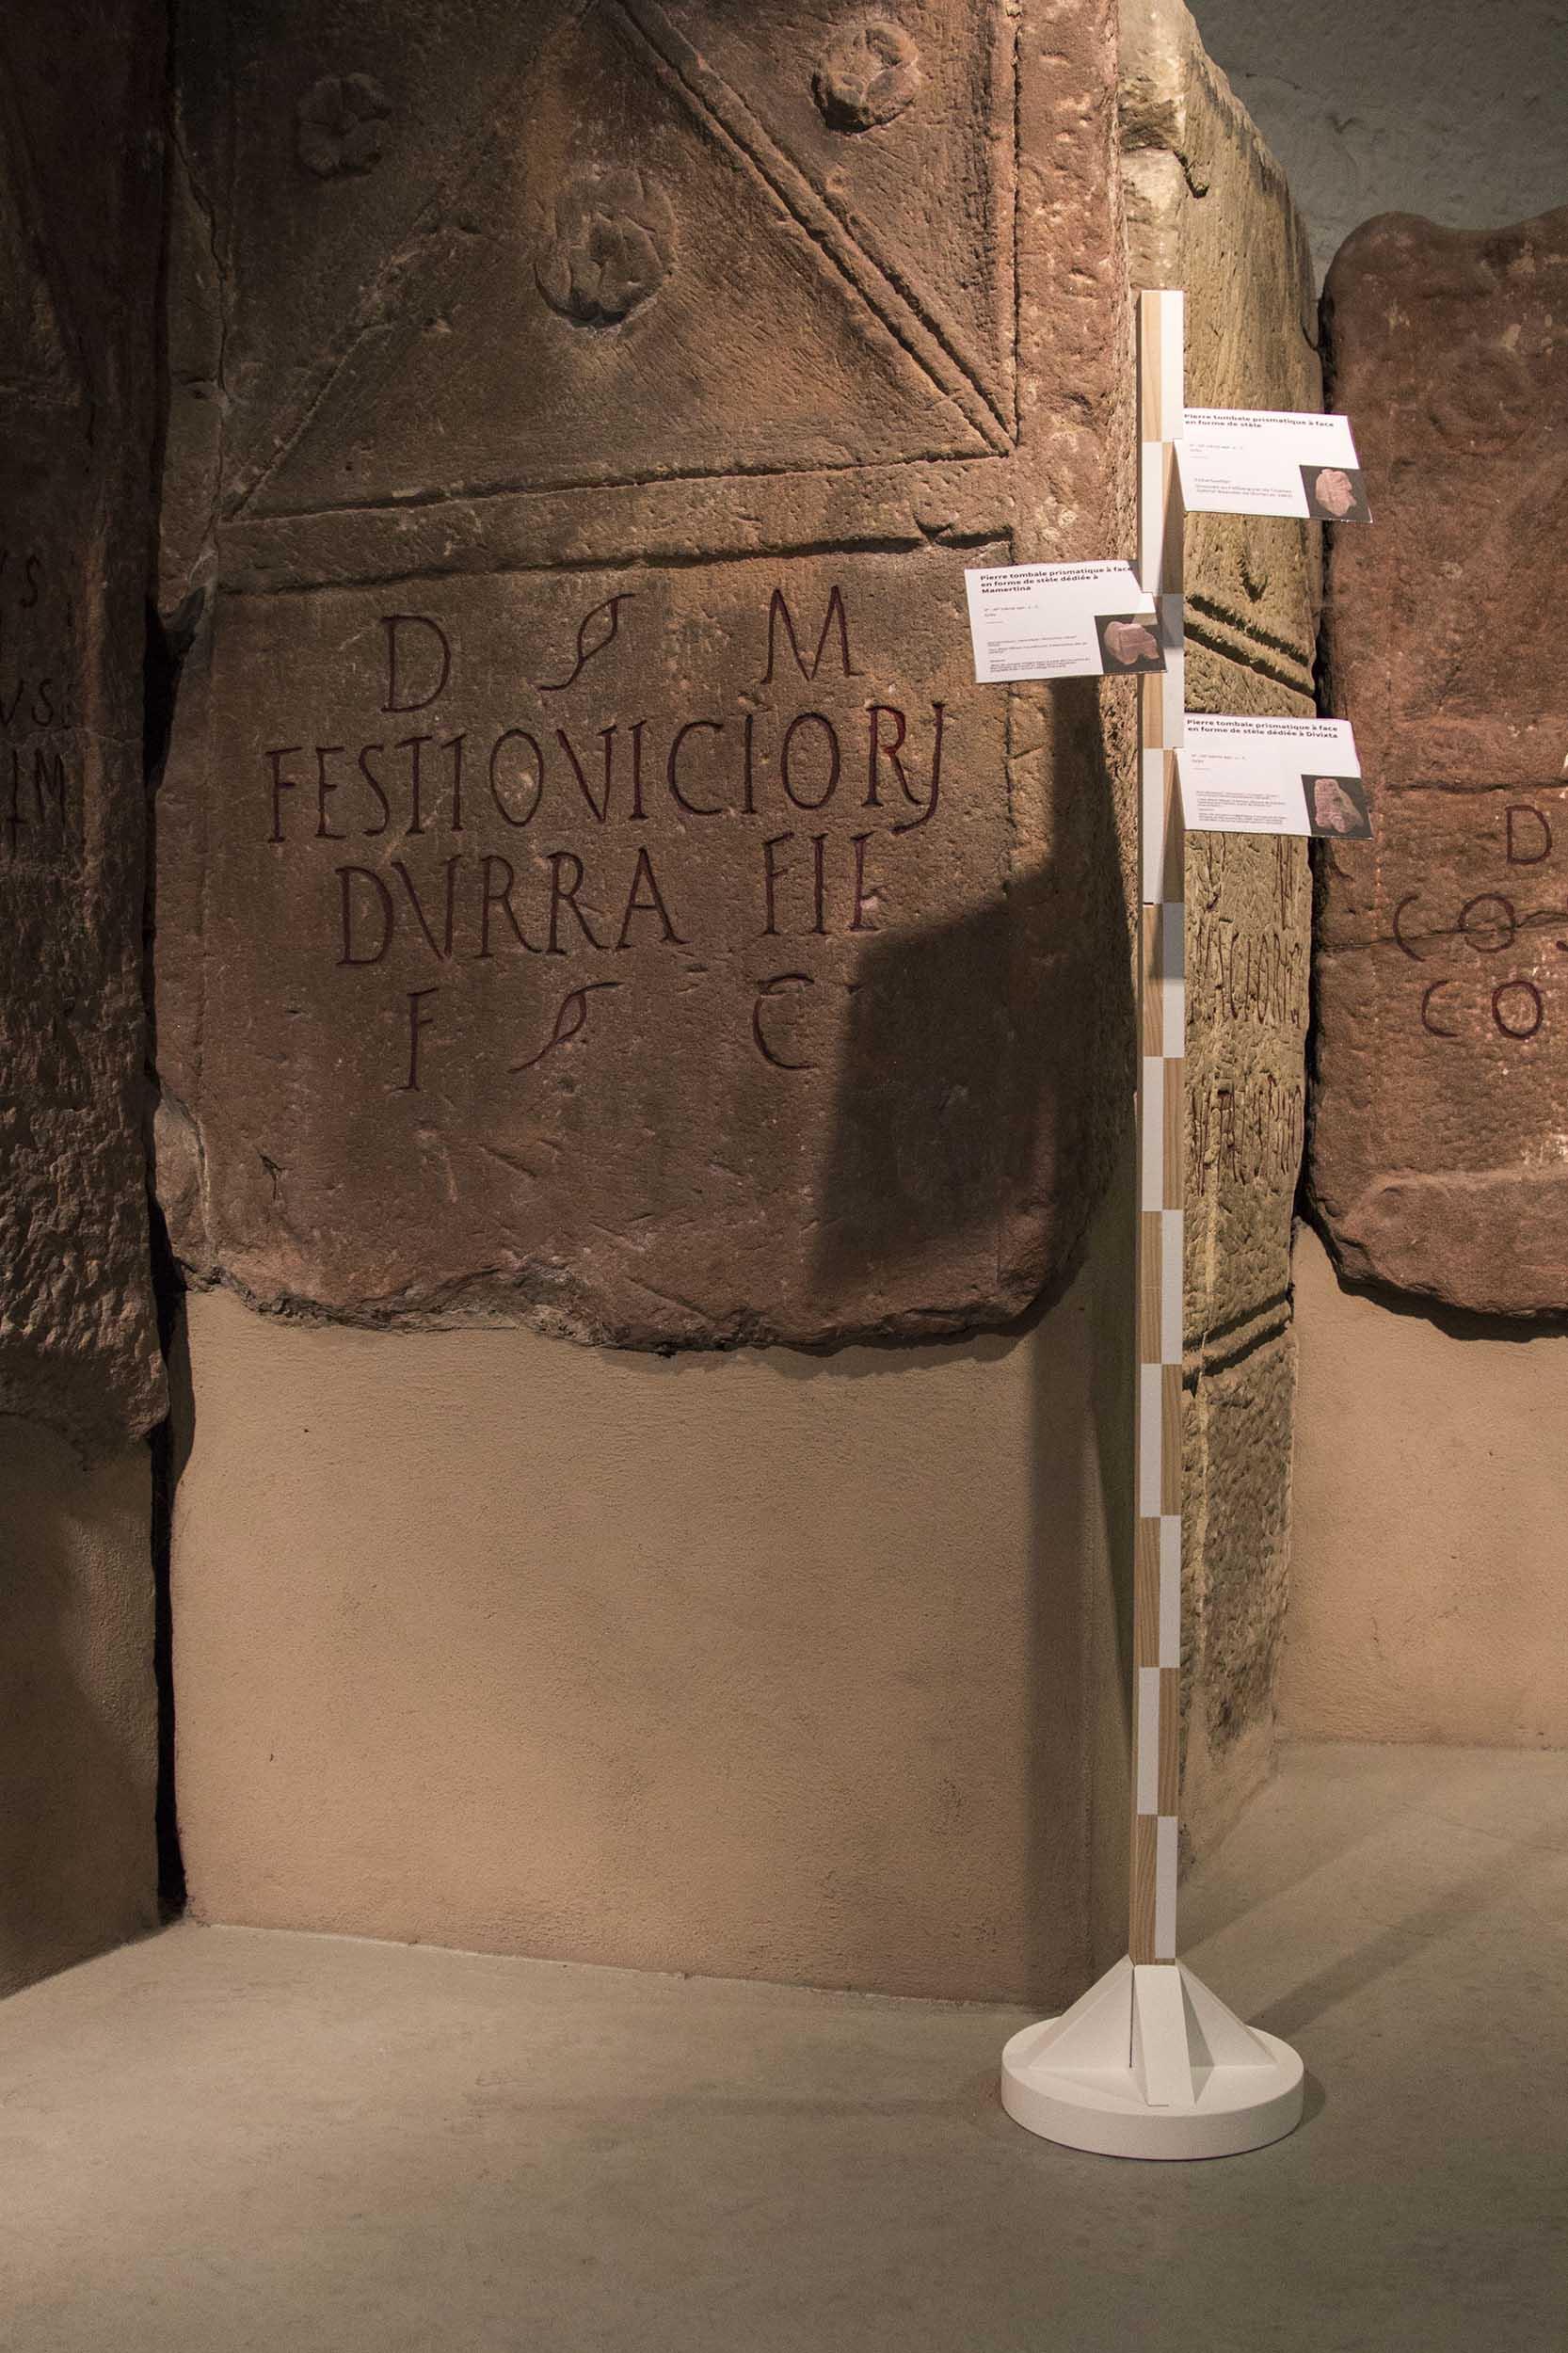 Porte-cartels sur pied en bois installé parmi les stèles de la section archéologique du Musée du Château des Rohan de Saverne